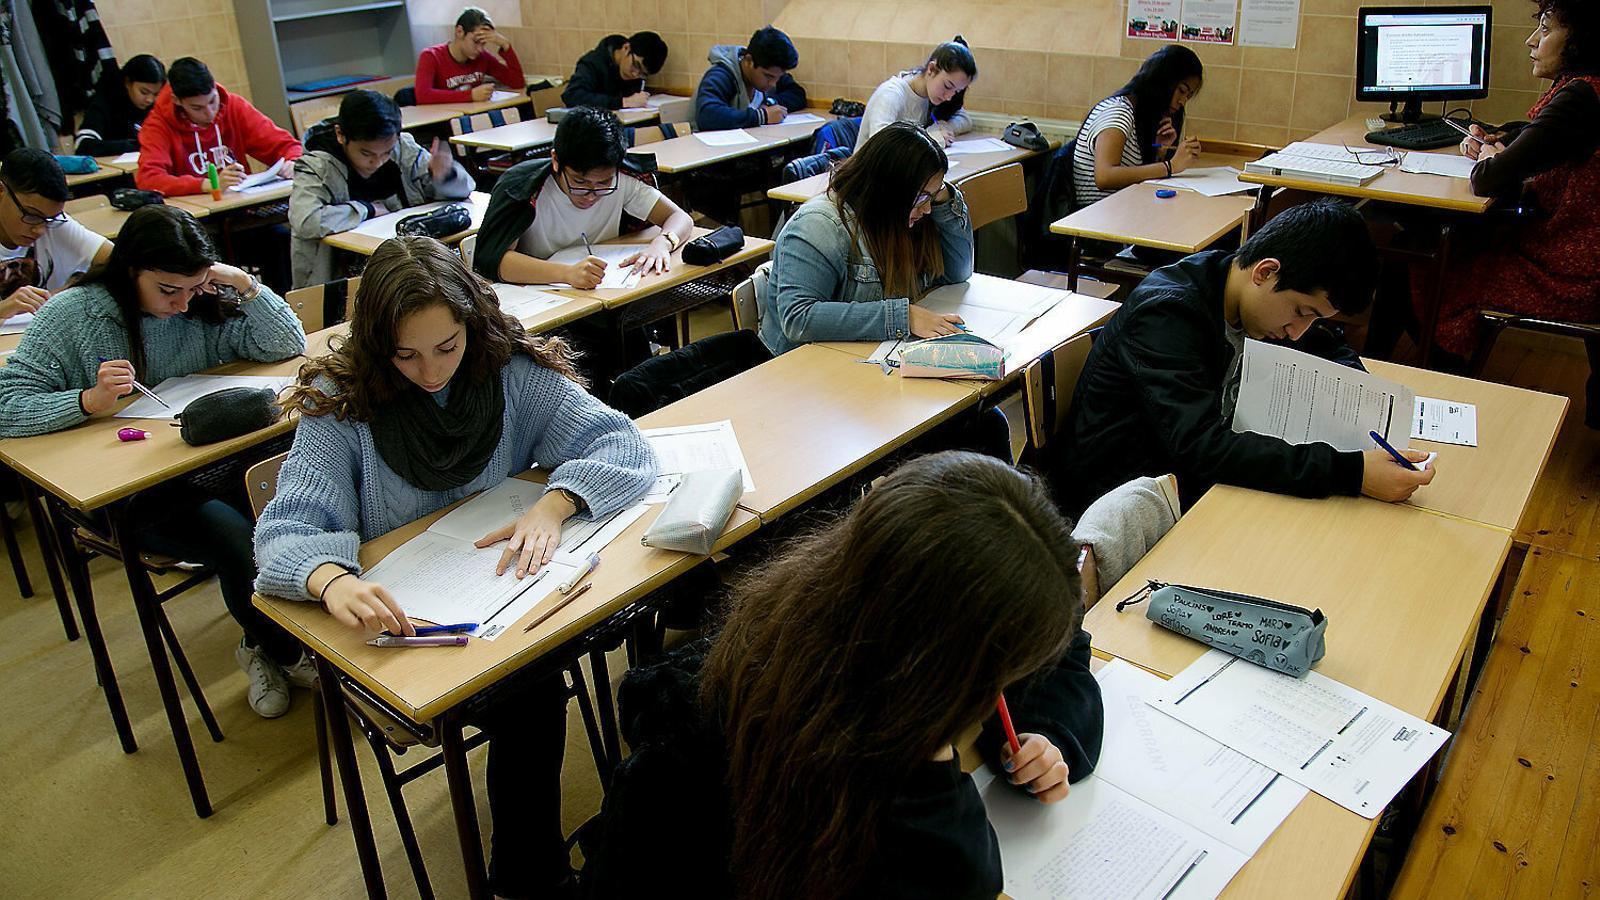 Alumnat de Secundària fent un examen. / ARA BALEARS